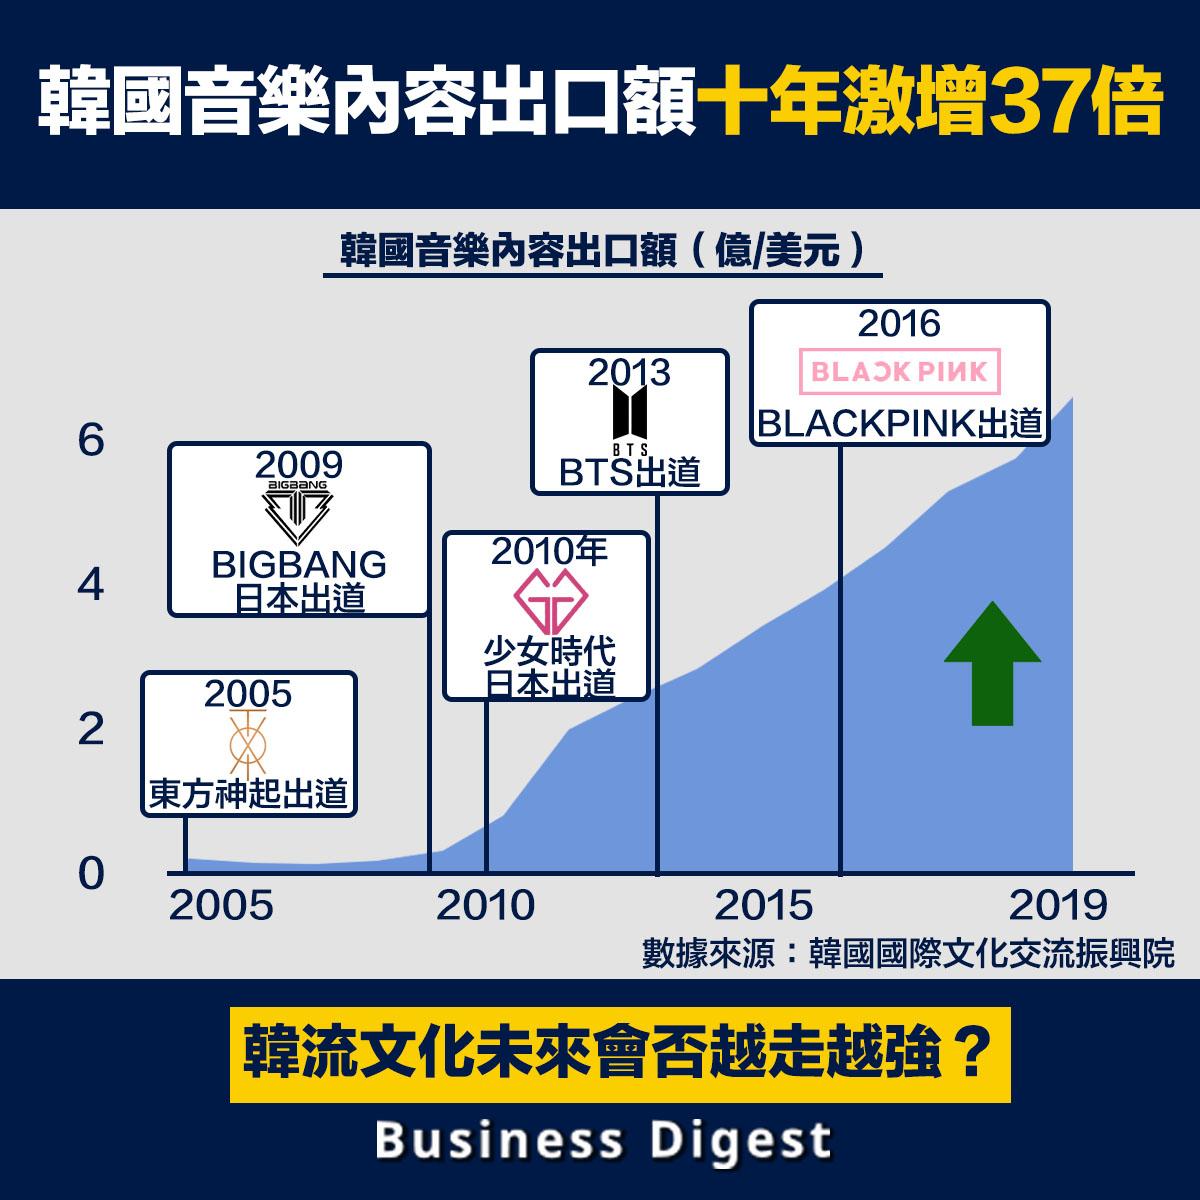 韓國音樂內容出口額十年激增37倍